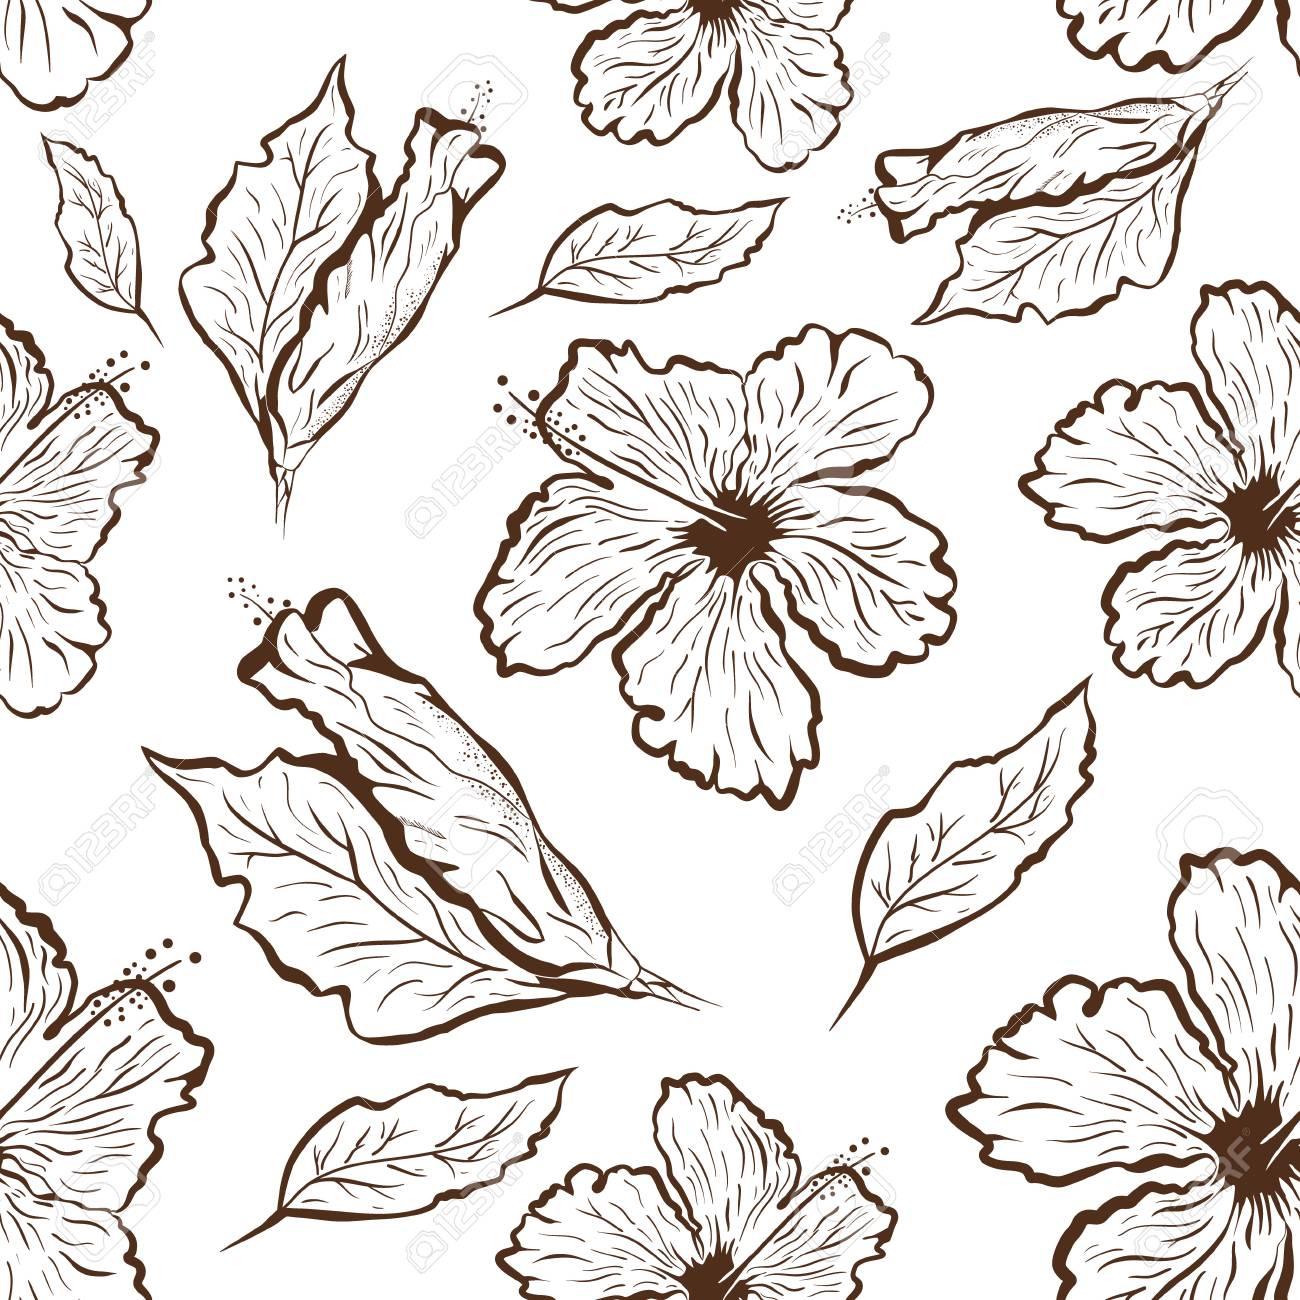 Modele Sans Couture De Fleur D Hibiscus Dans Le Style De Tatouage